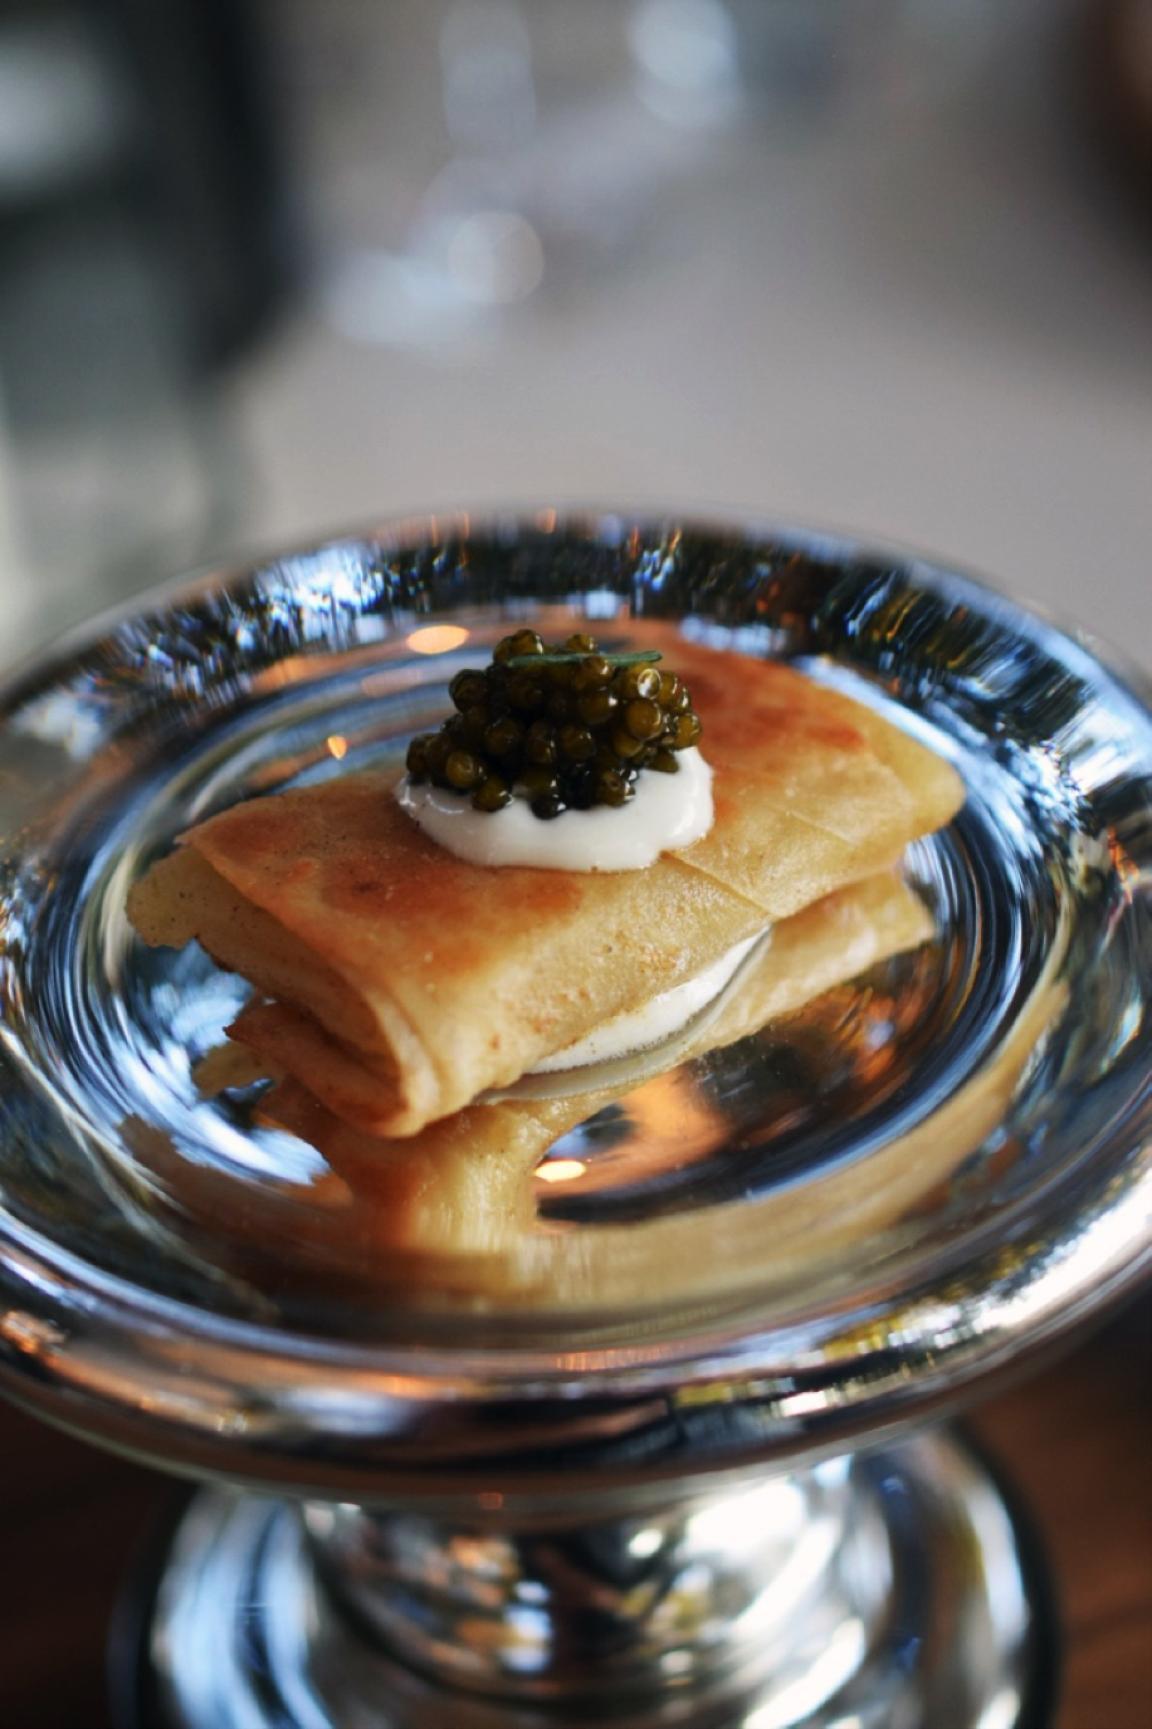 Crispy potato burrito with caviar. Photo: AGringoInMexico